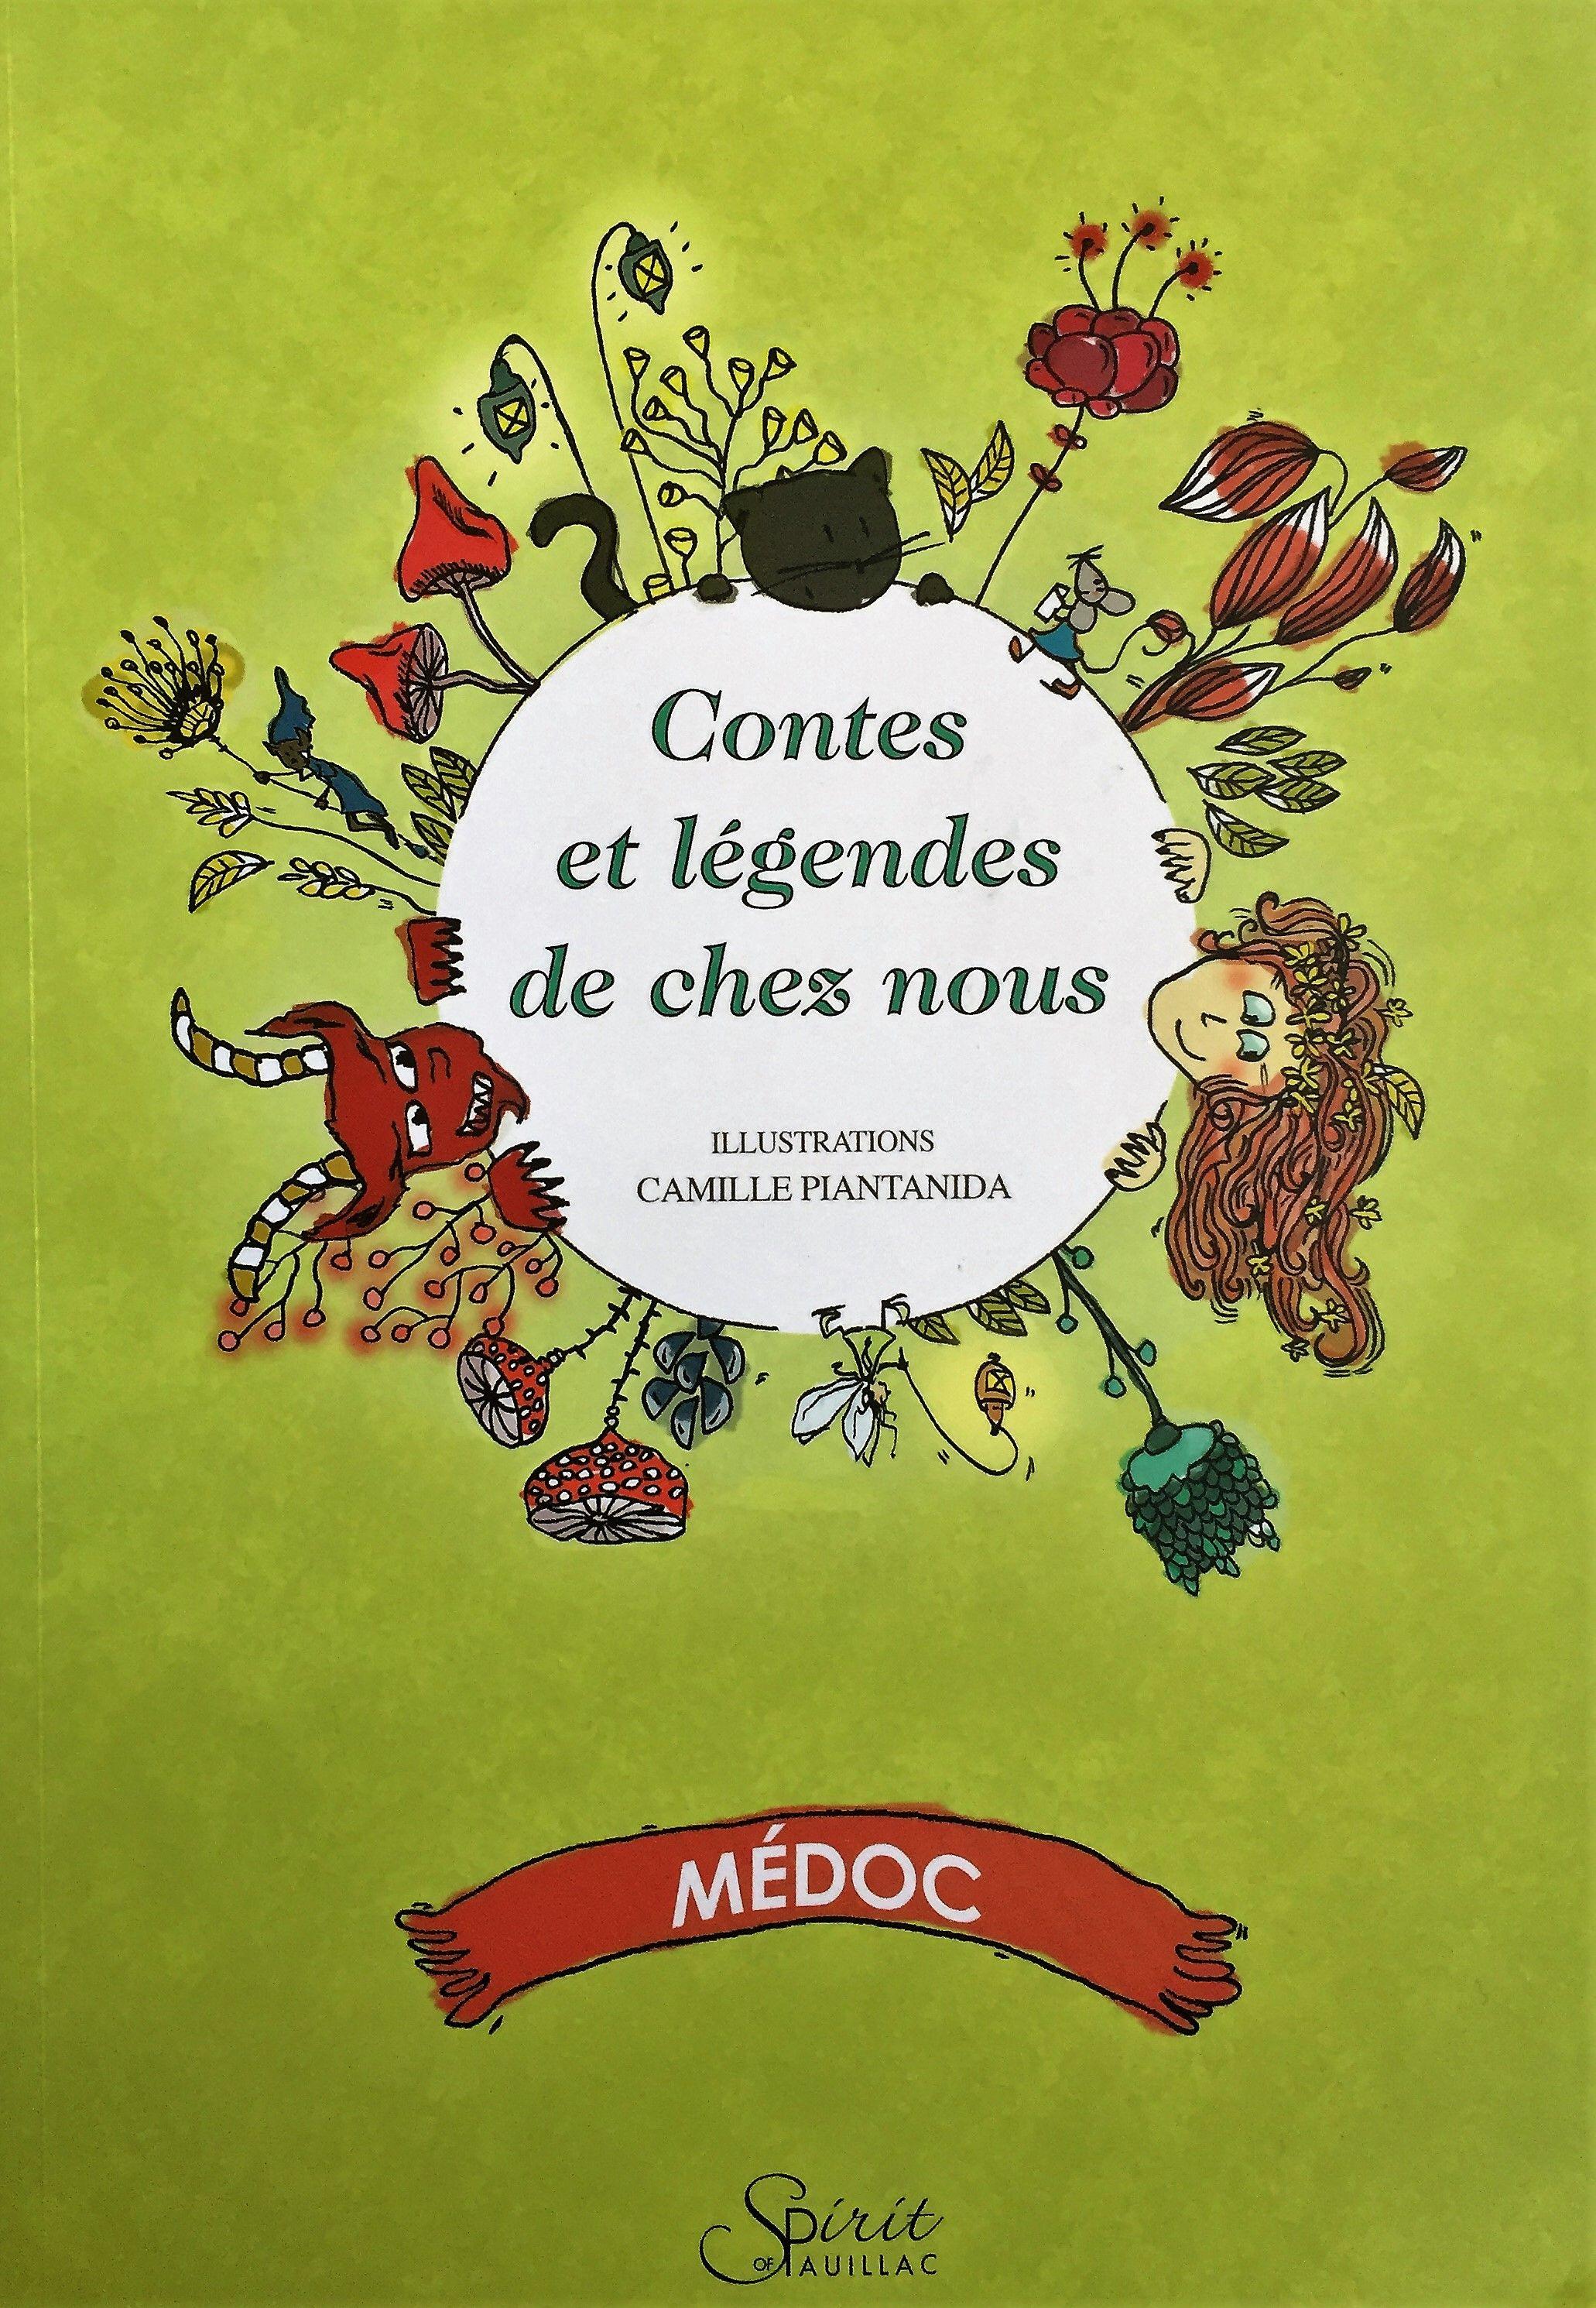 Contes Et Legendes De Chez Nous Dans Le Medoc Editions Spirit Of Pauillac J Ai Fait Les Illustrations Camille Pi Contes Et Legendes Conte Illustrations